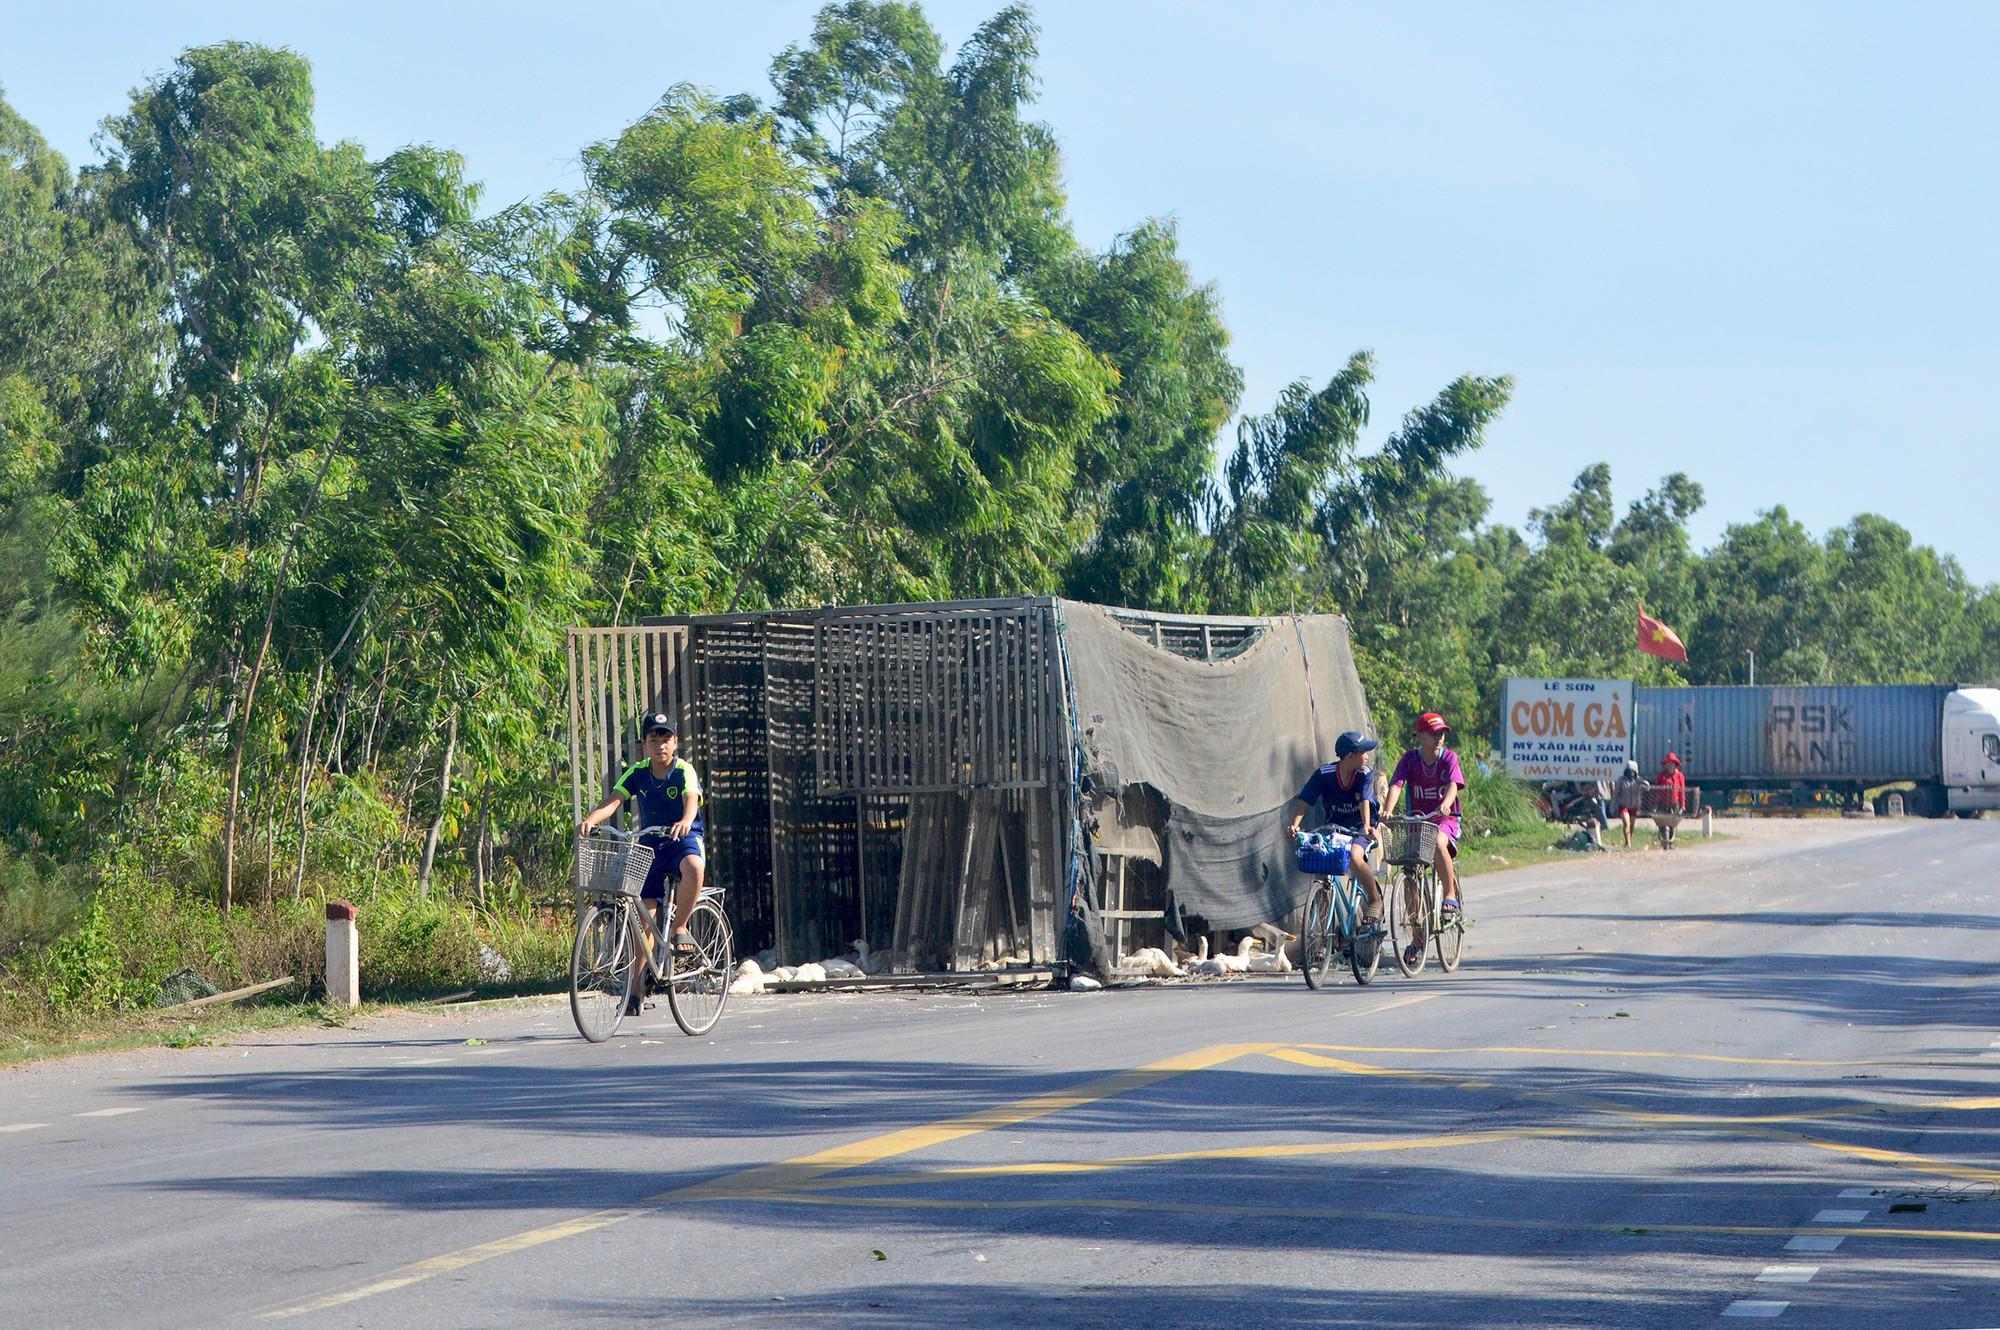 Người dân thi nhau 'hôi vịt' từ xe tải, công an phải đi vận động trả lại 1